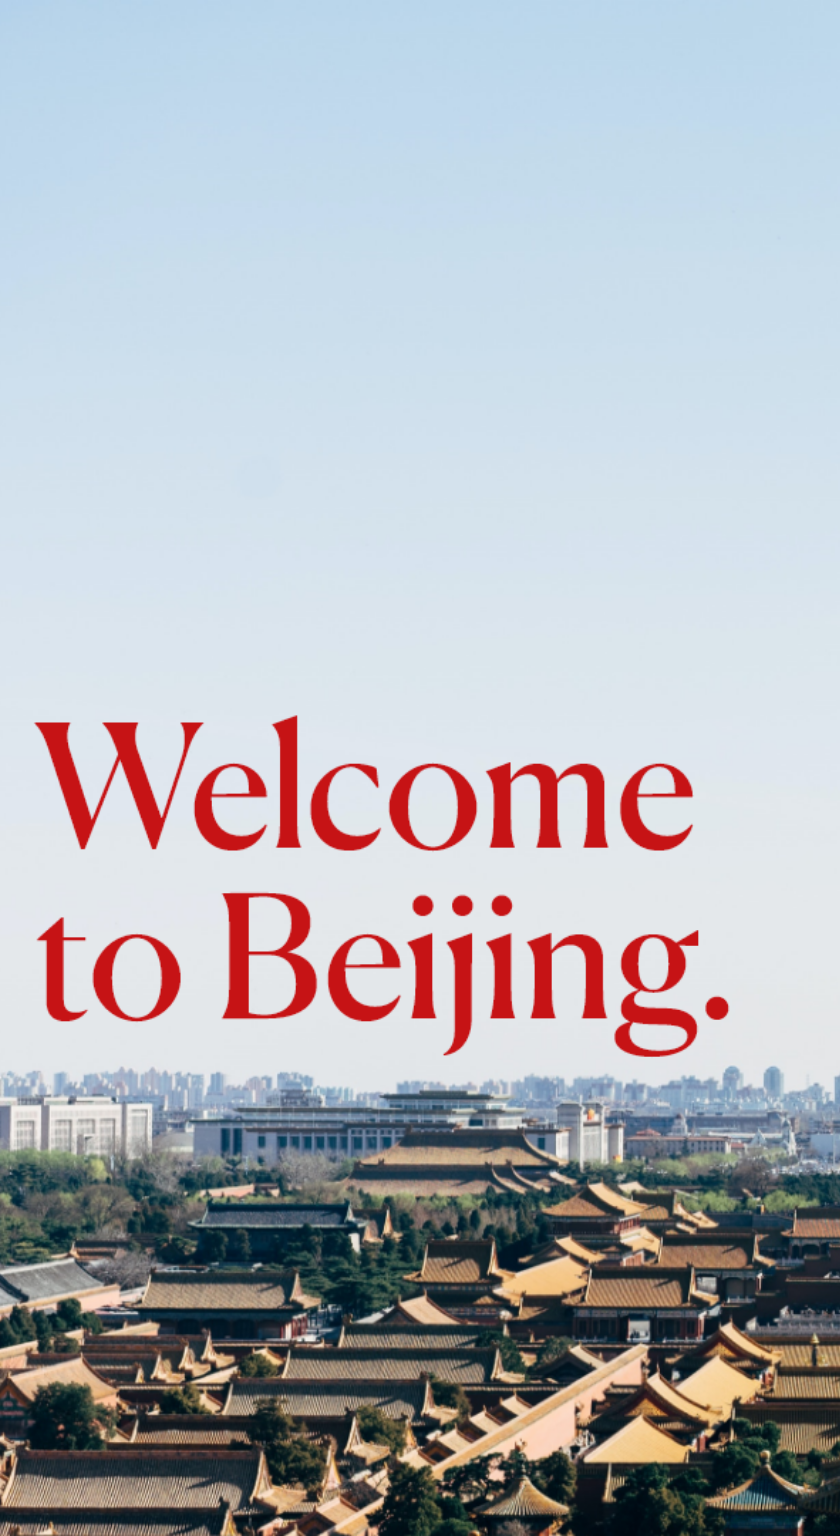 Beijing travel guide homepage display